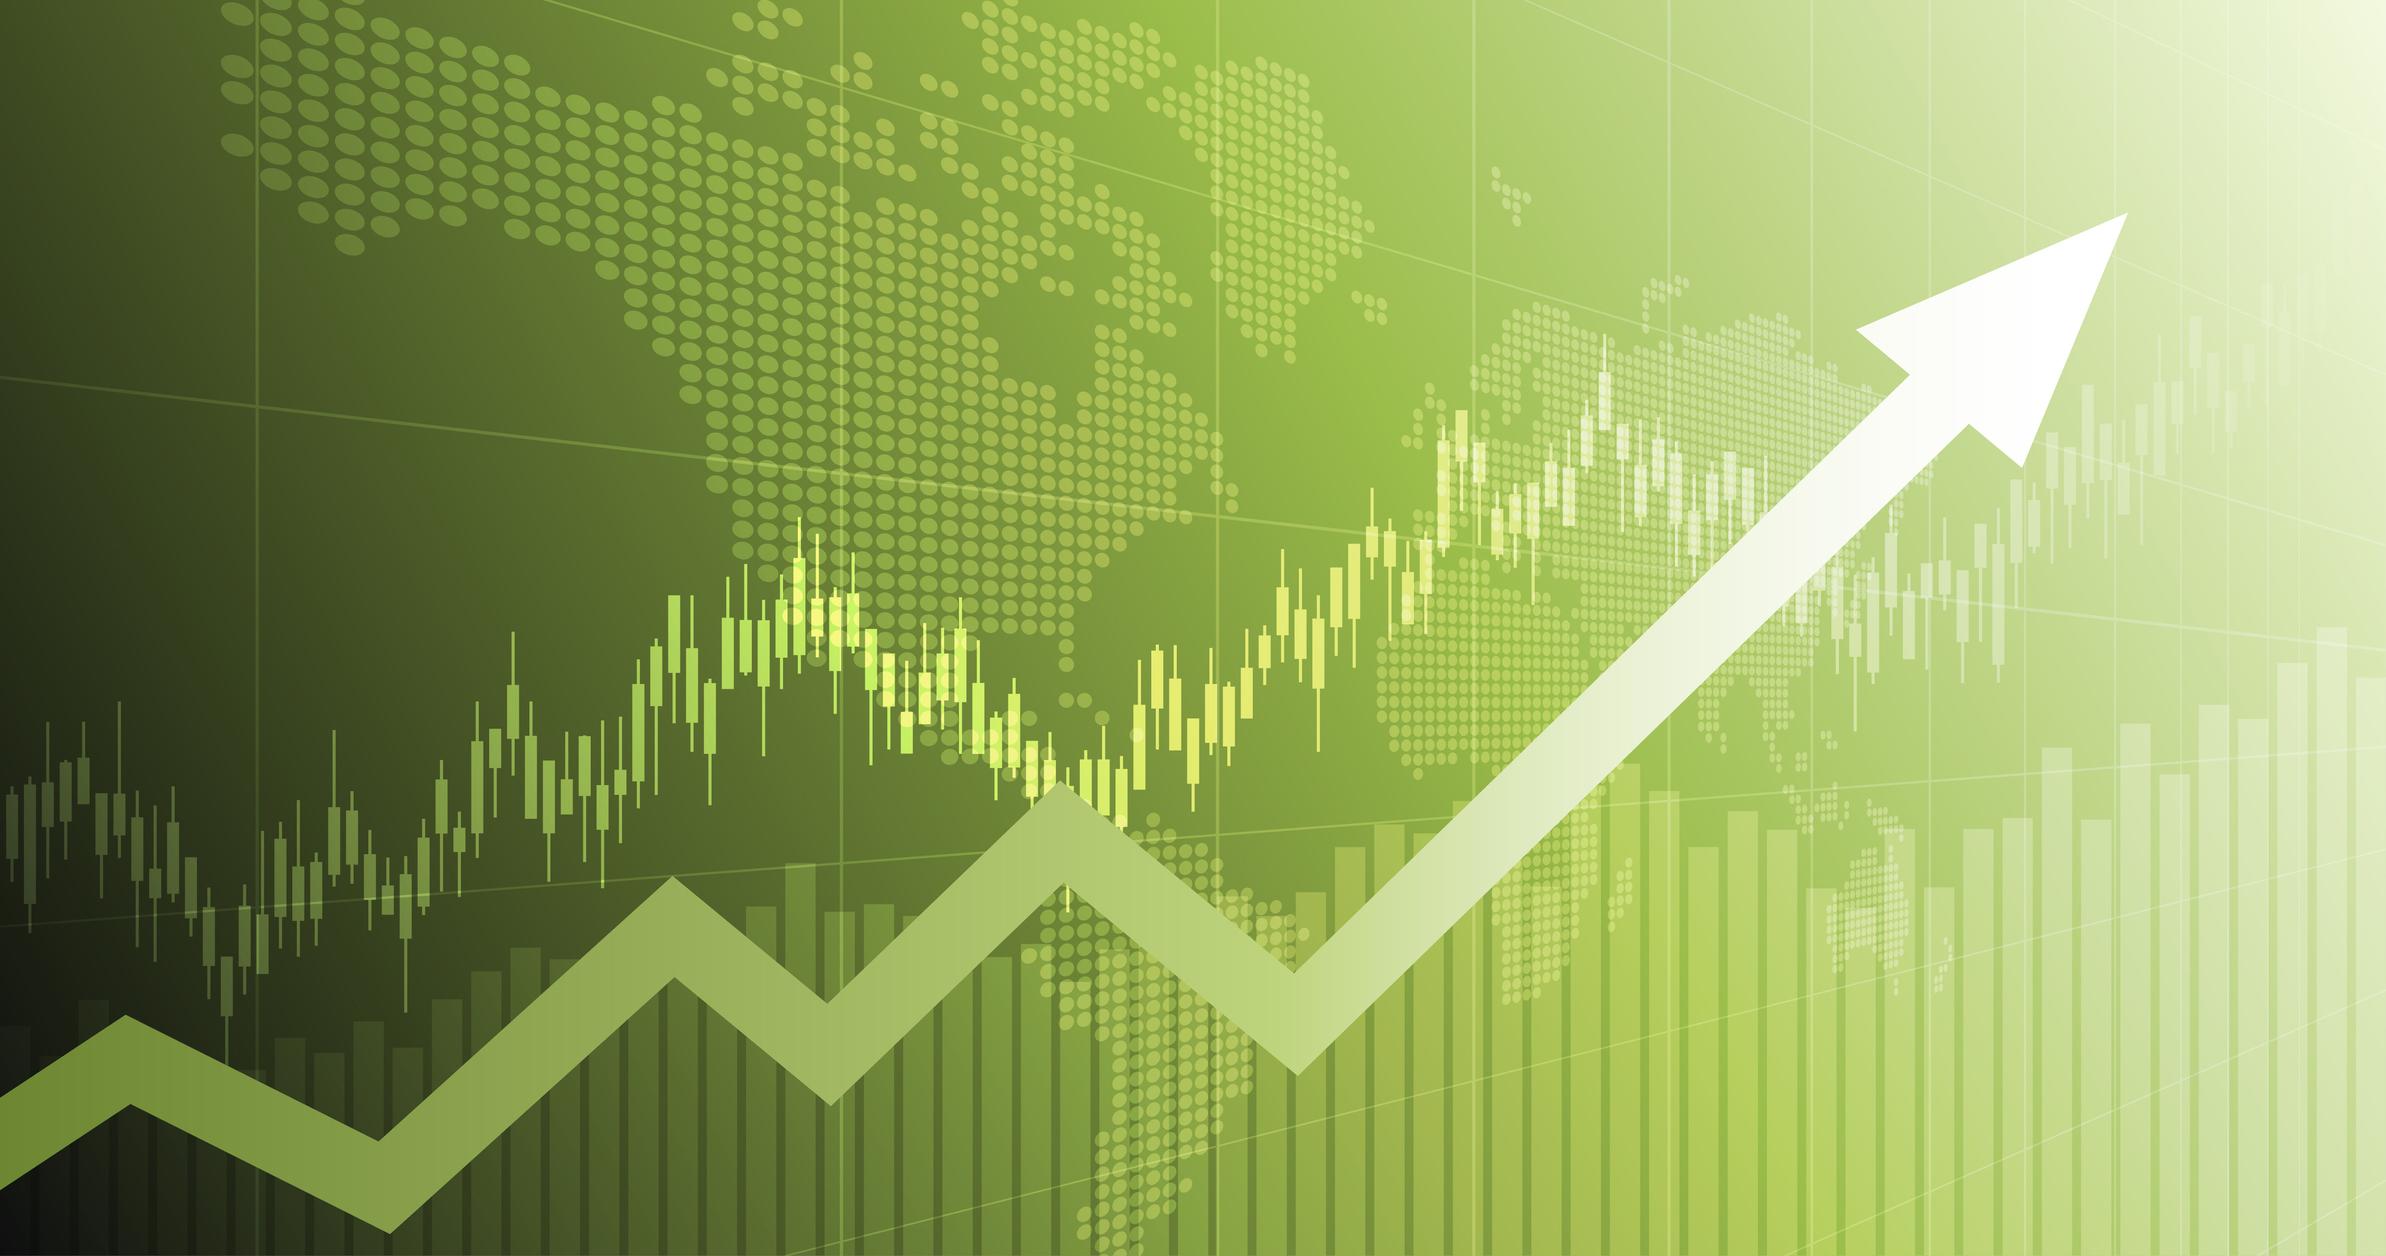 Zendesk - ZEN - Stock Price & News | The Motley Fool